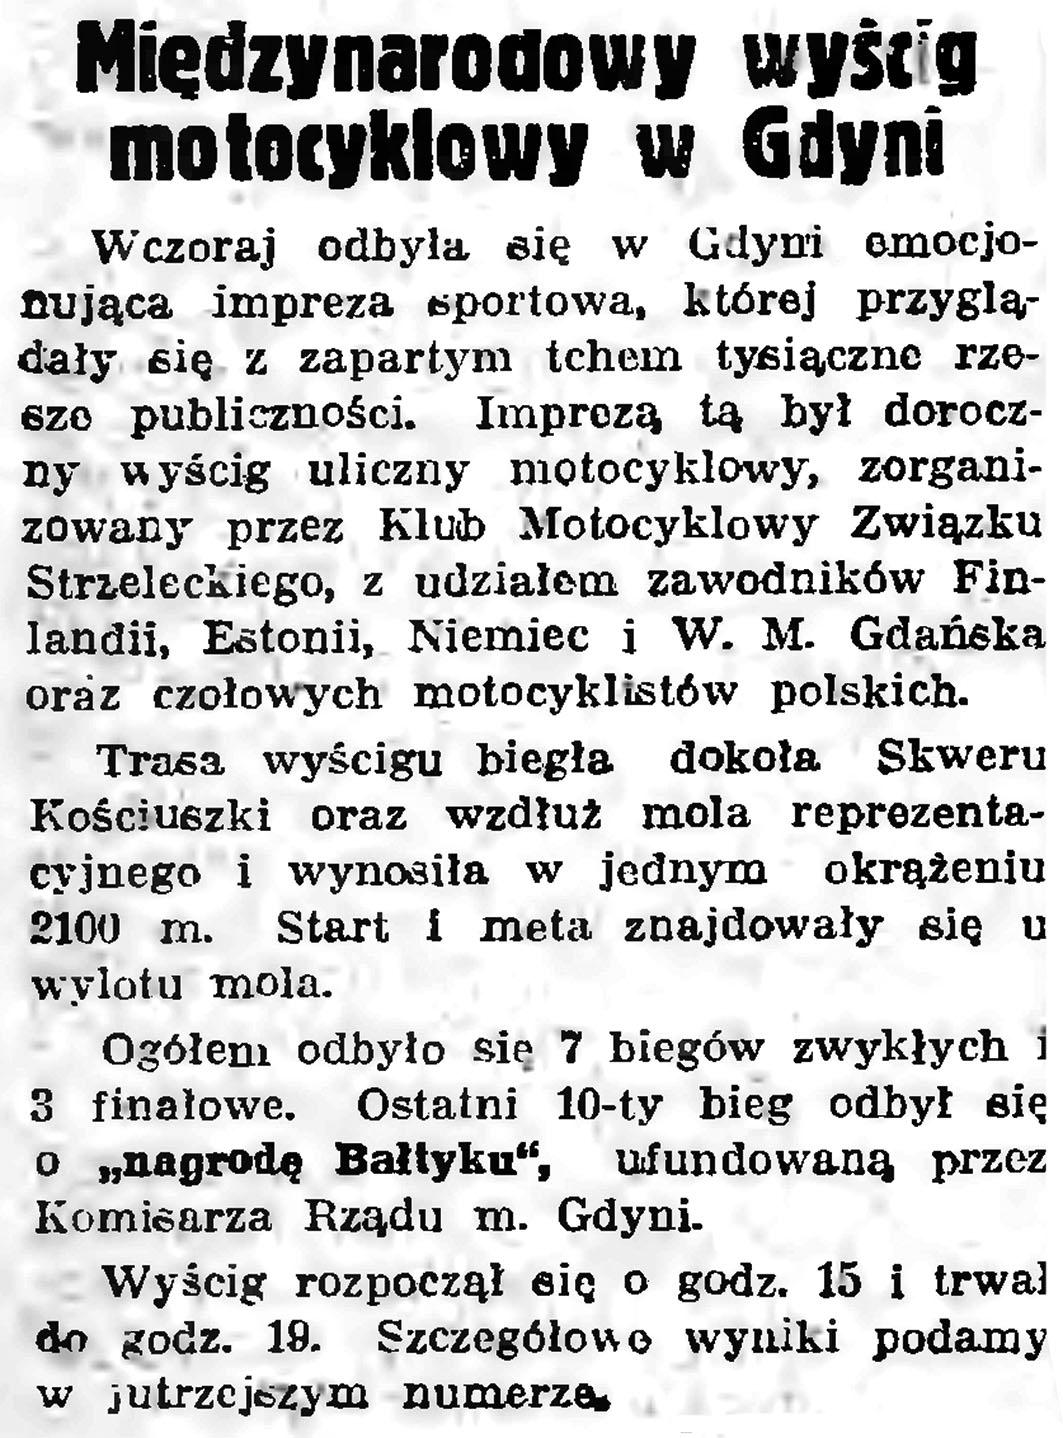 Międzynarodowy wyścig motocyklowy w Gdyni // Gazeta Gdańska. -1938, nr 150, s. 4